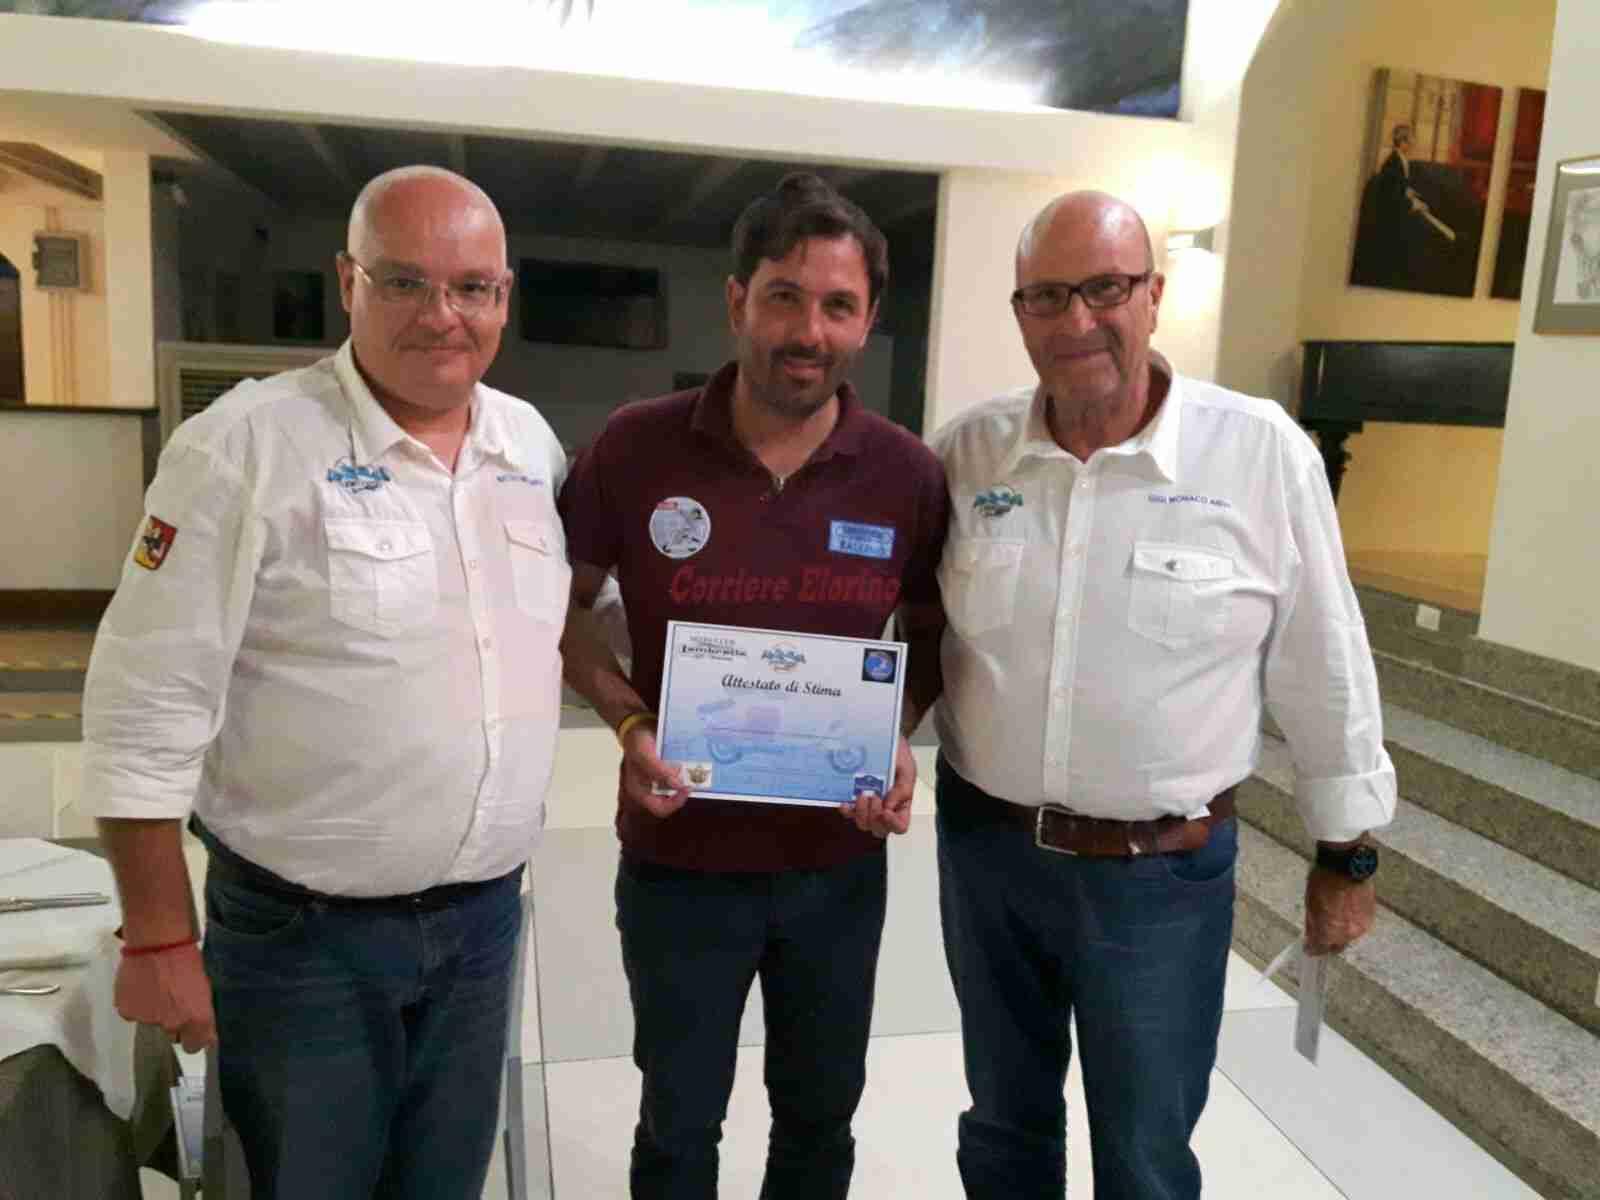 Grande partecipazione al xxiii raduno regionale del lambretta club sicilia corriere elorino - Incidente giardini naxos oggi ...